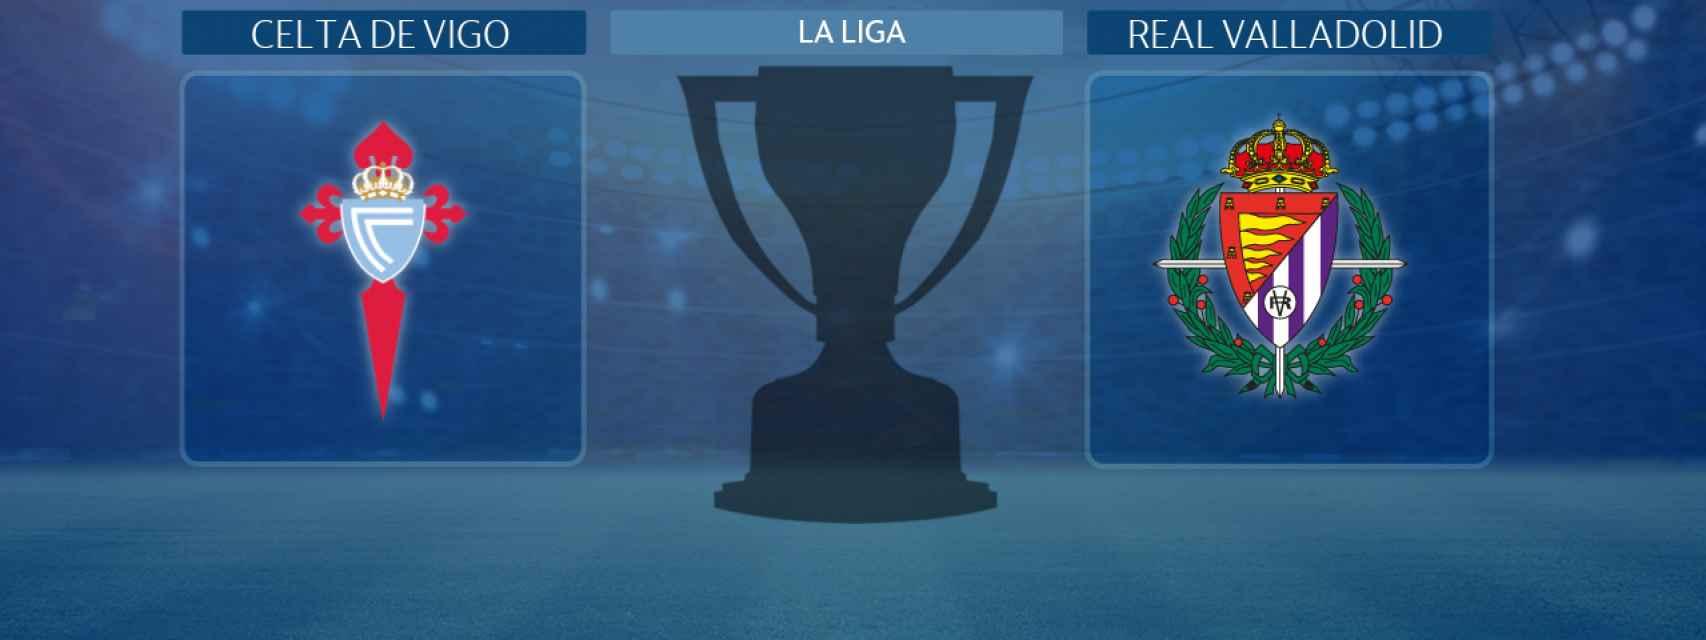 Celta de Vigo - Real Valladolid, partido de La Liga